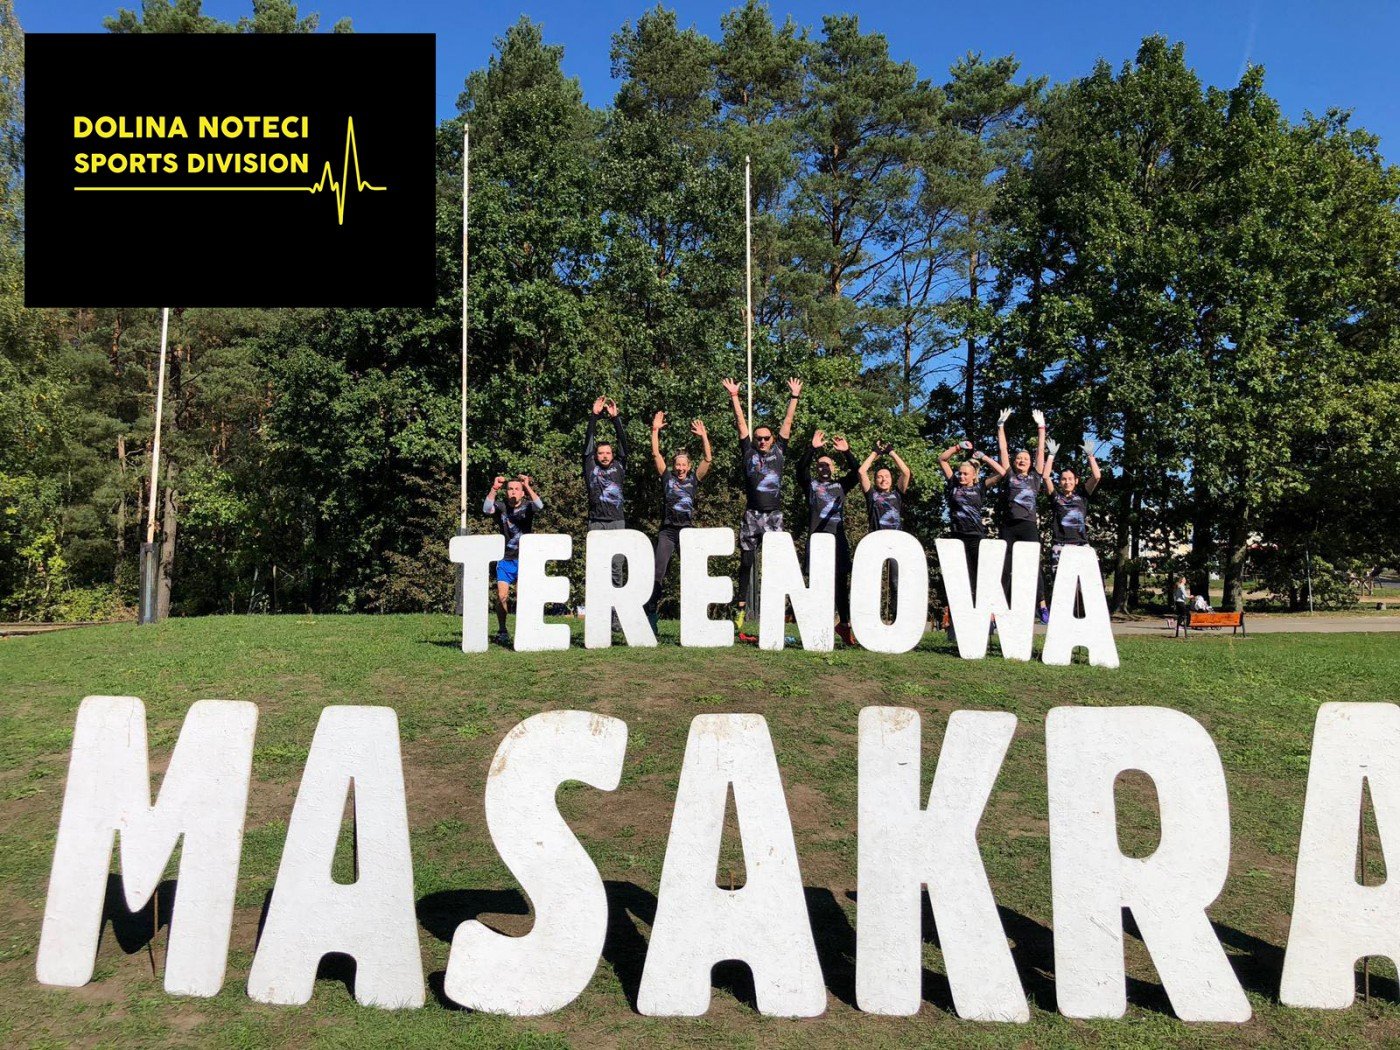 Terenowa Masakra – Dolina Noteci Sports Division na podium